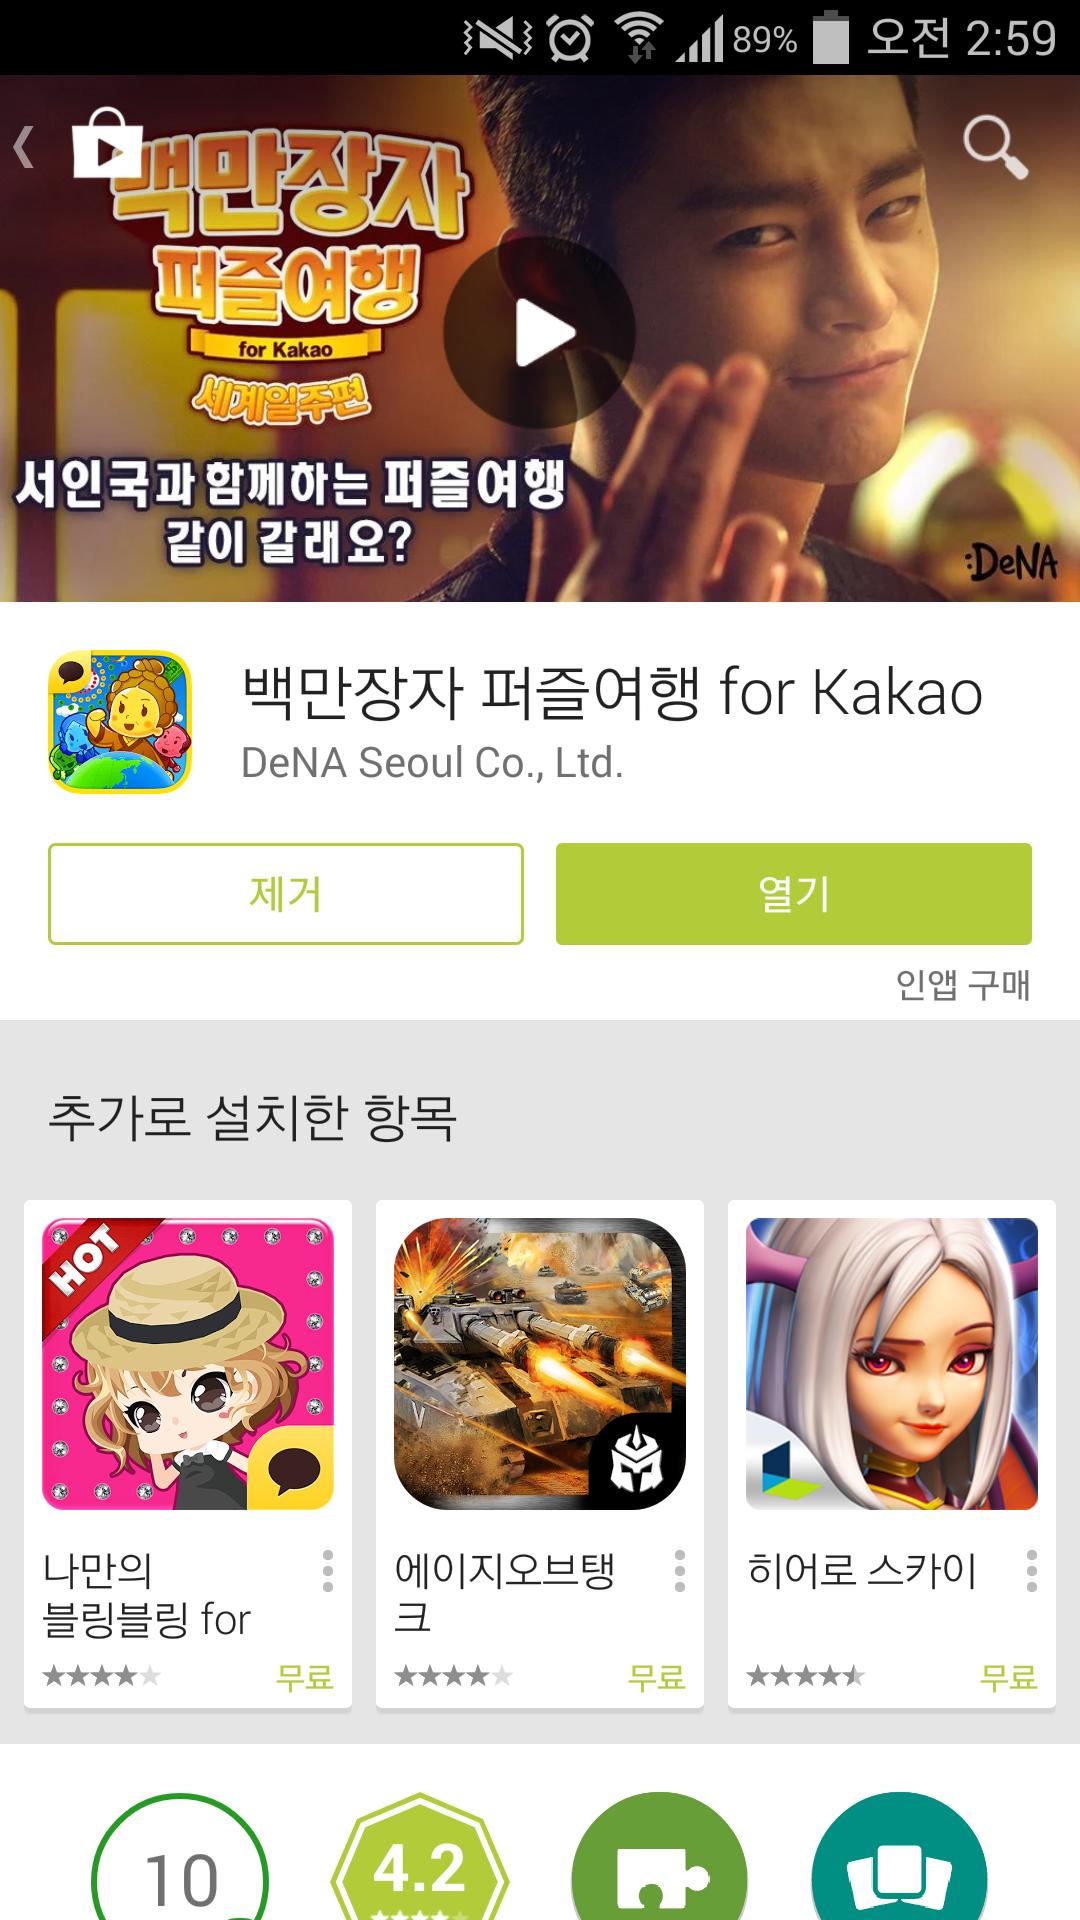 모바일 게임 리뷰 '백만장자 퍼즐여행 for Kakao'